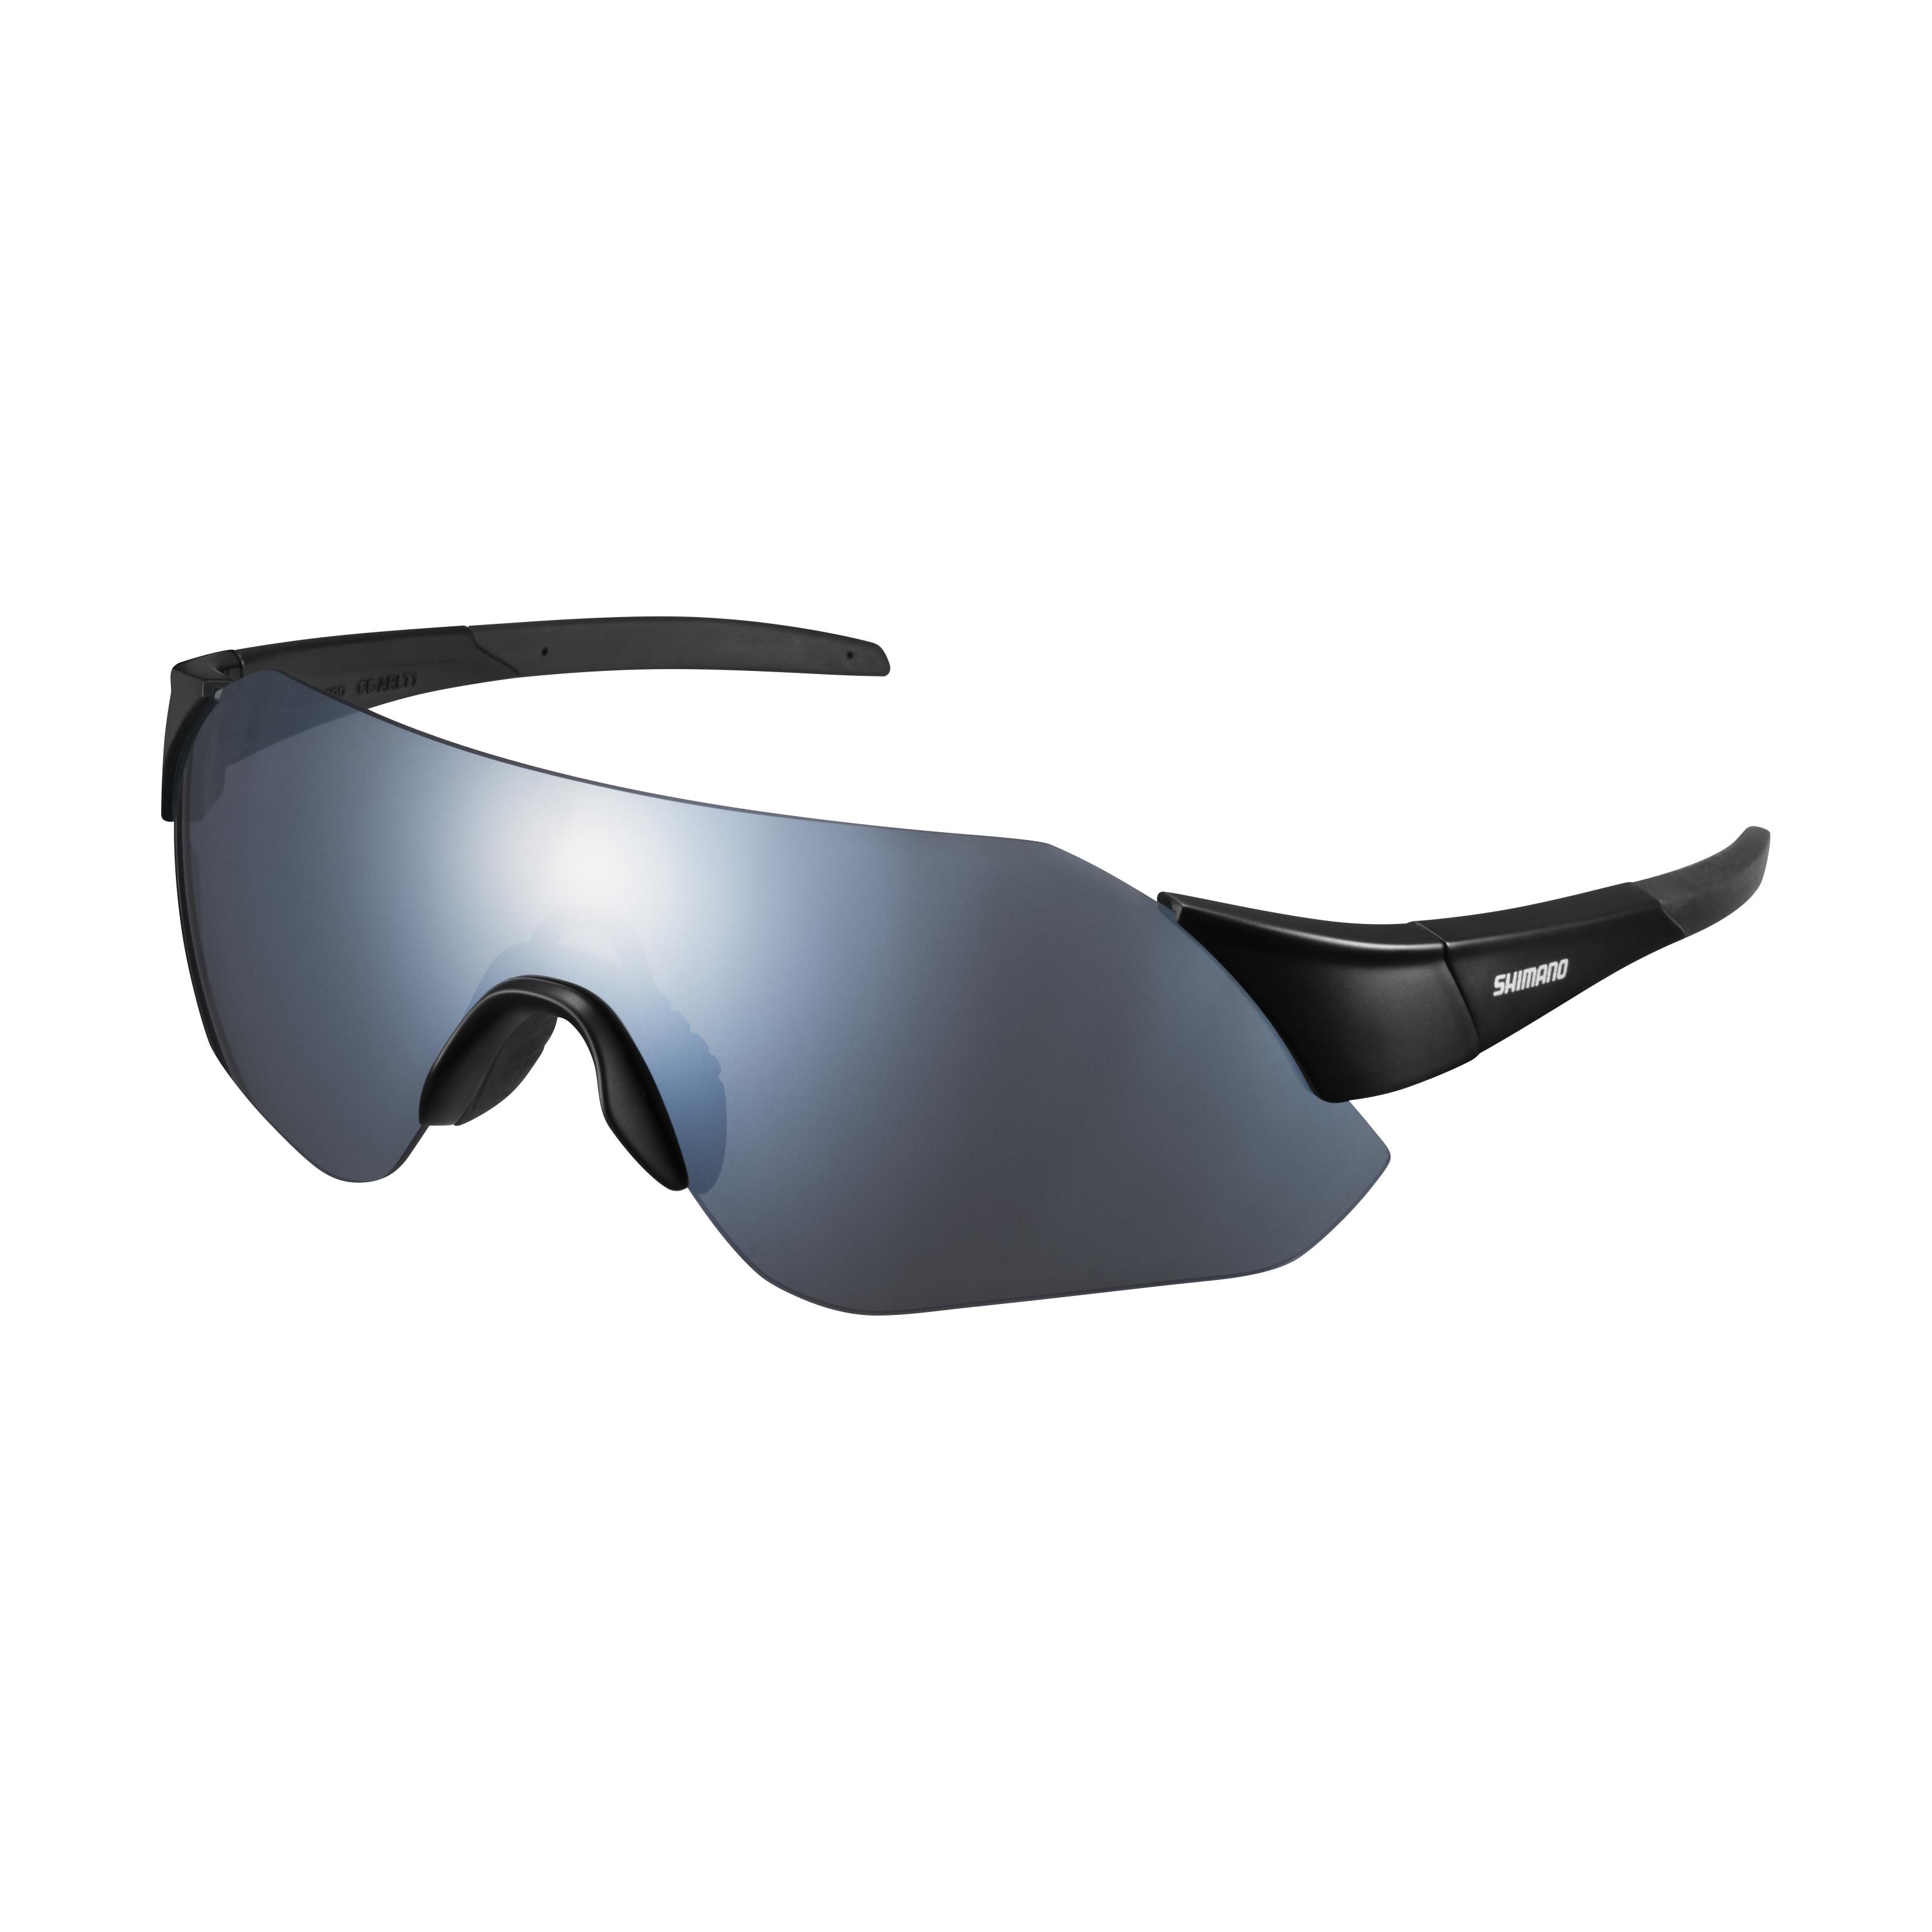 SHIMANO brýle AEROLITE, matná černá, kouřově stříbrná